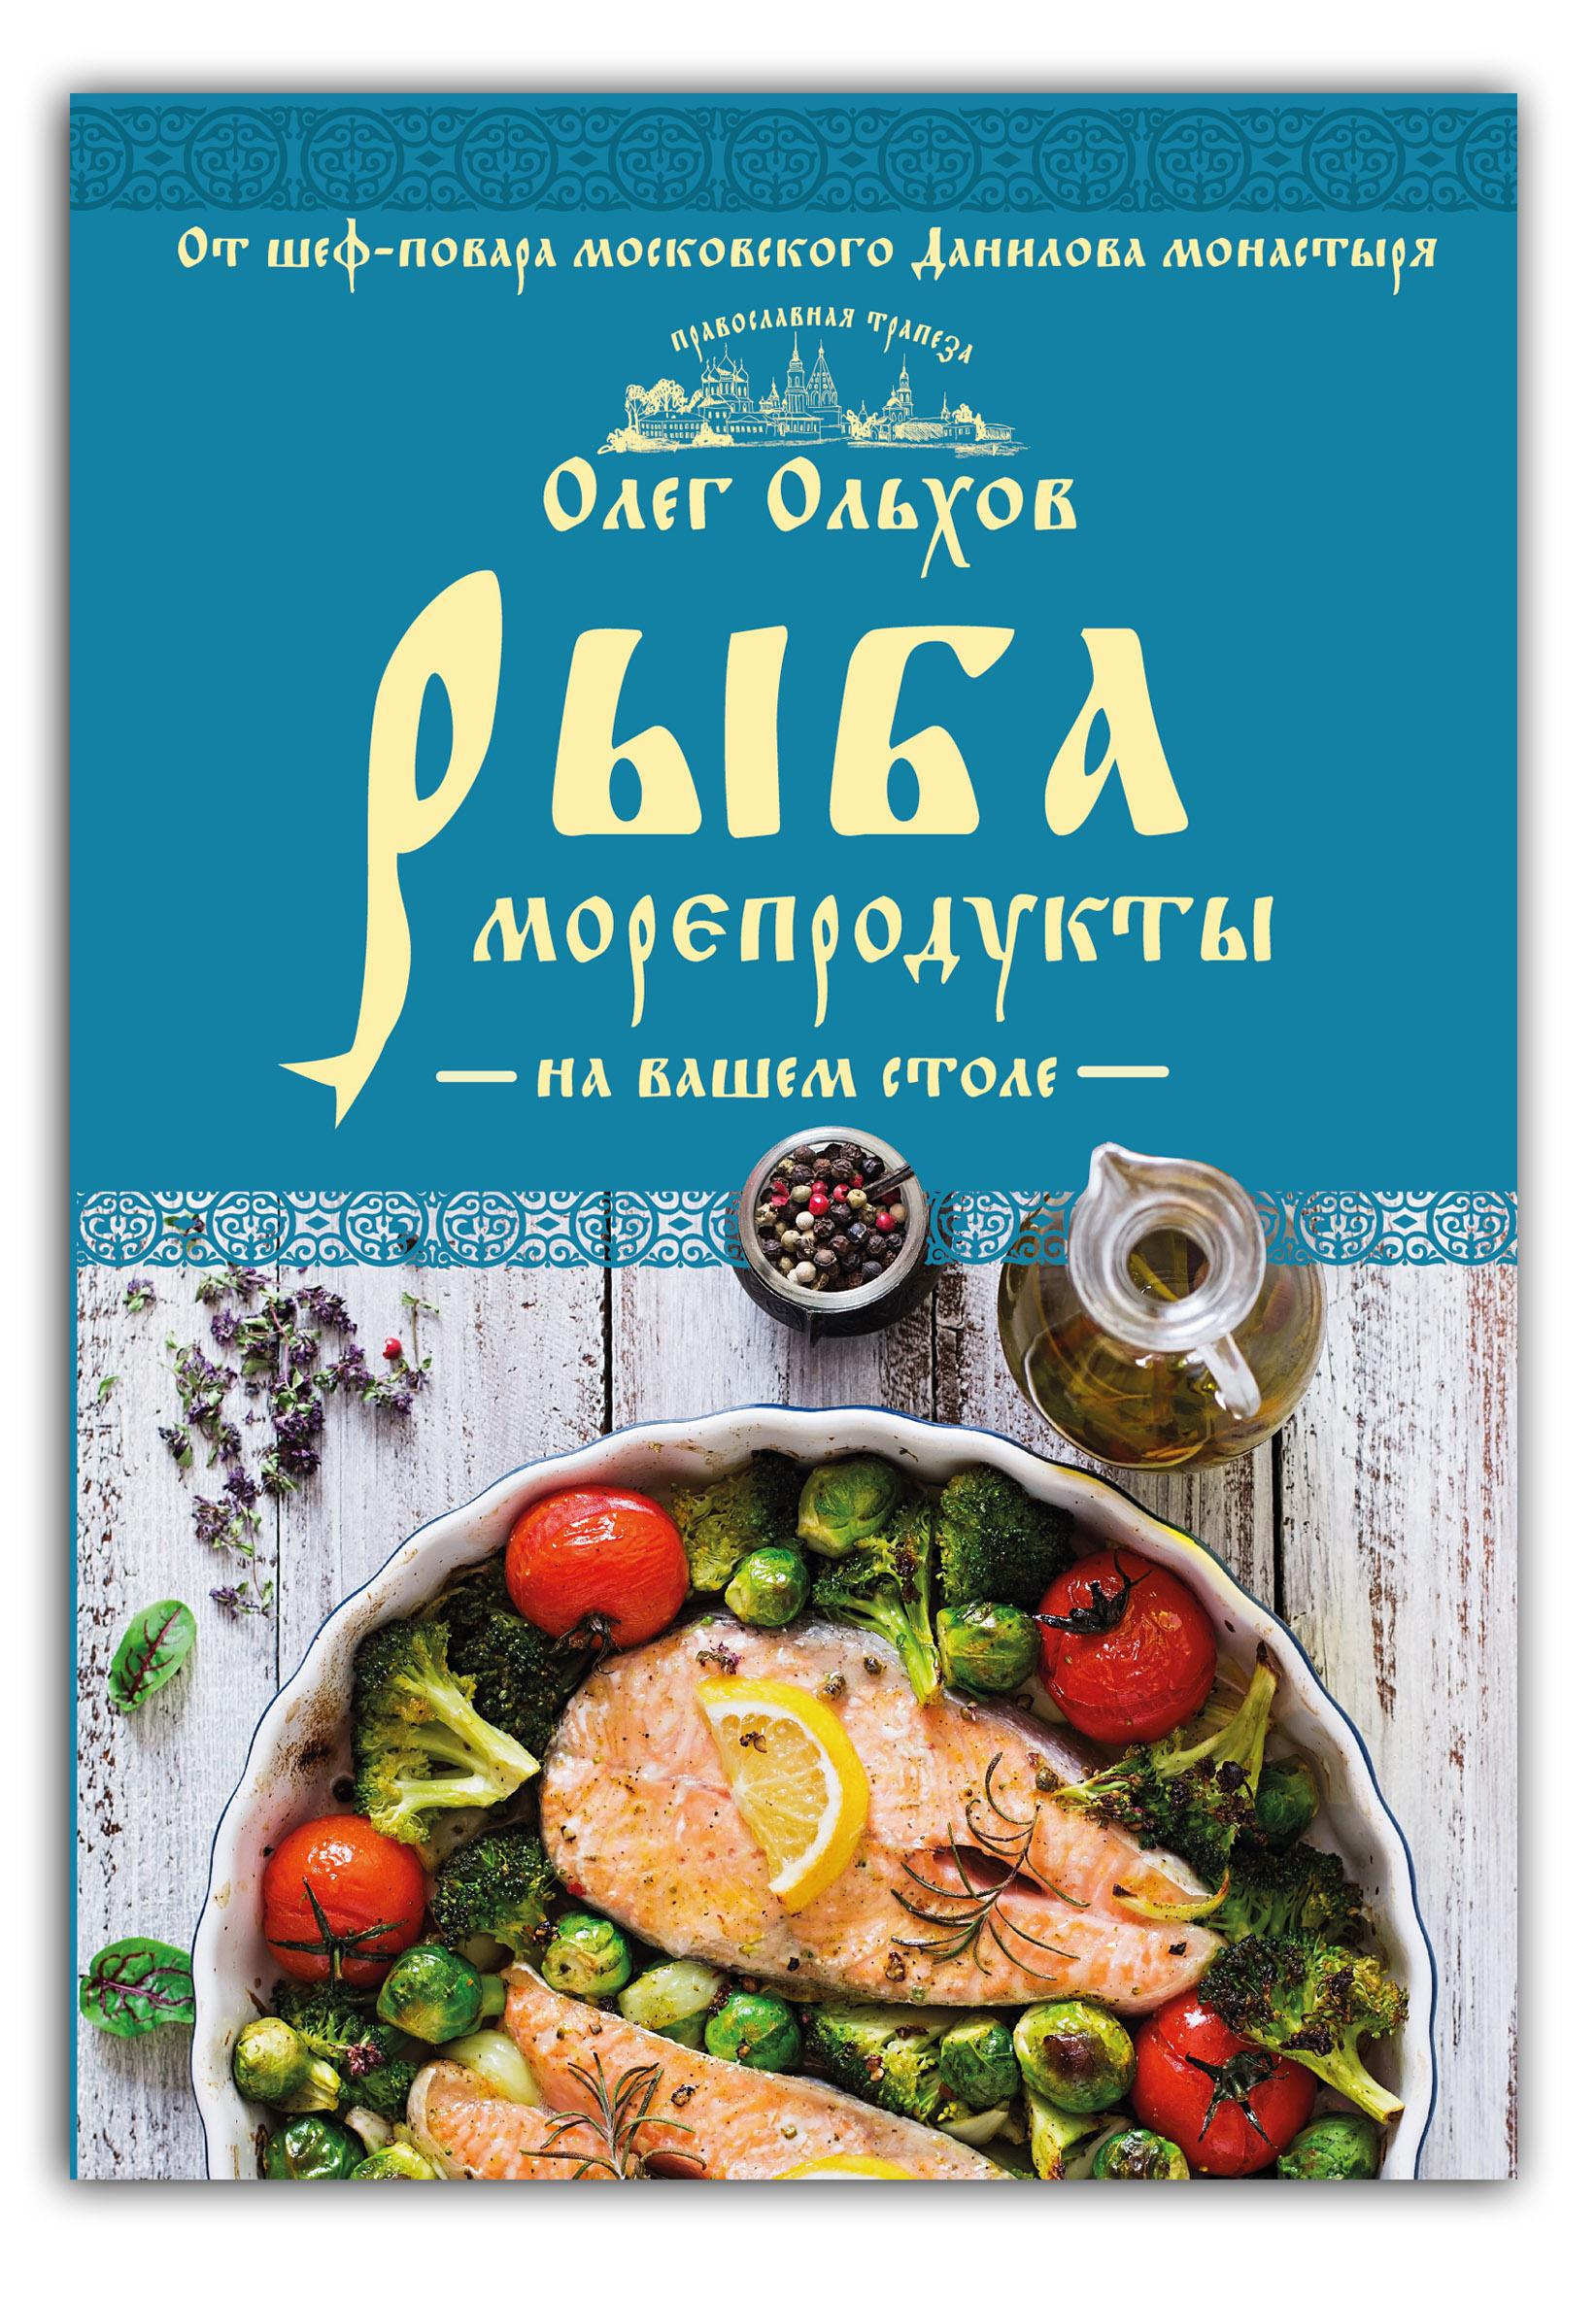 Олег Ольхов Рыба. Морепродукты на вашем столе. Салаты, закуски, супы, второе олег ольхов сладости на вашем столе кексы варенья пастилы